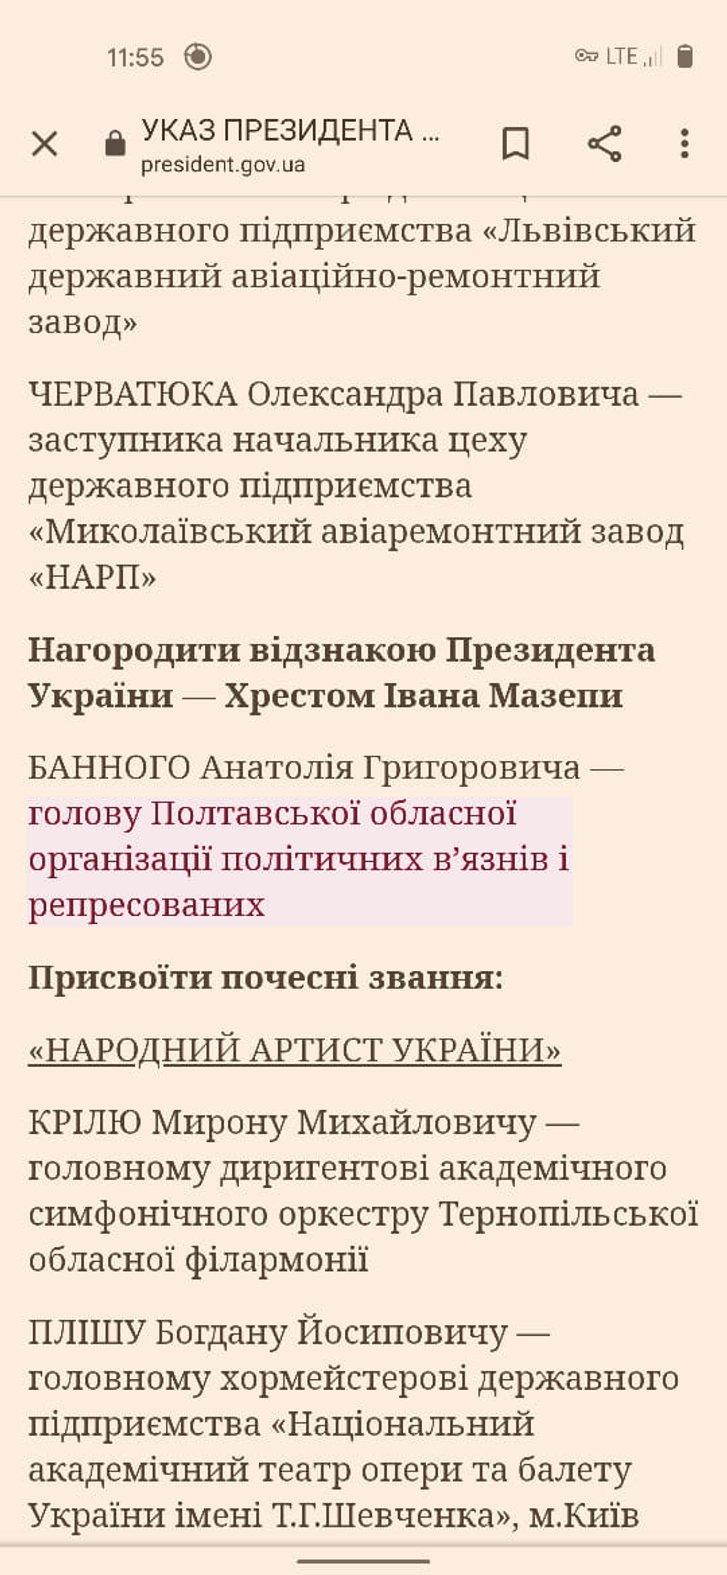 Чи може українець отримати орден._1